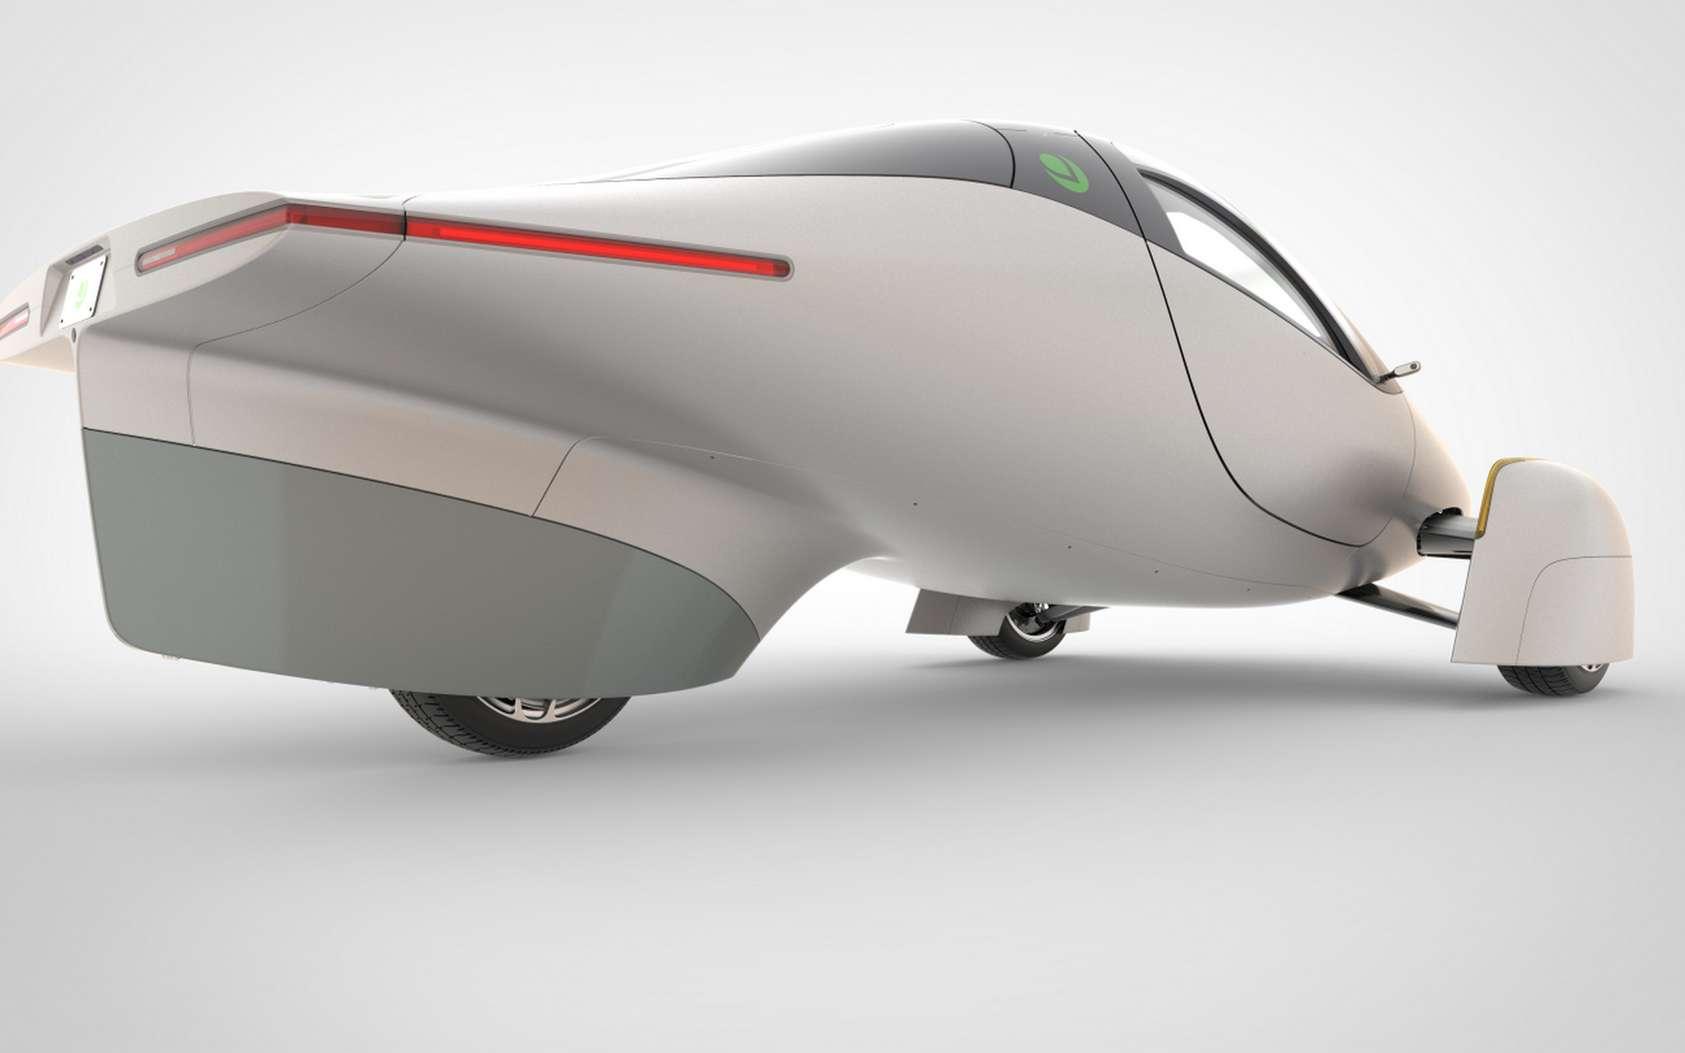 L'Aptera ressemble plus à un vaisseau spatial qu'à une voiture. Et ça lui va bien ! © Aptera Motors